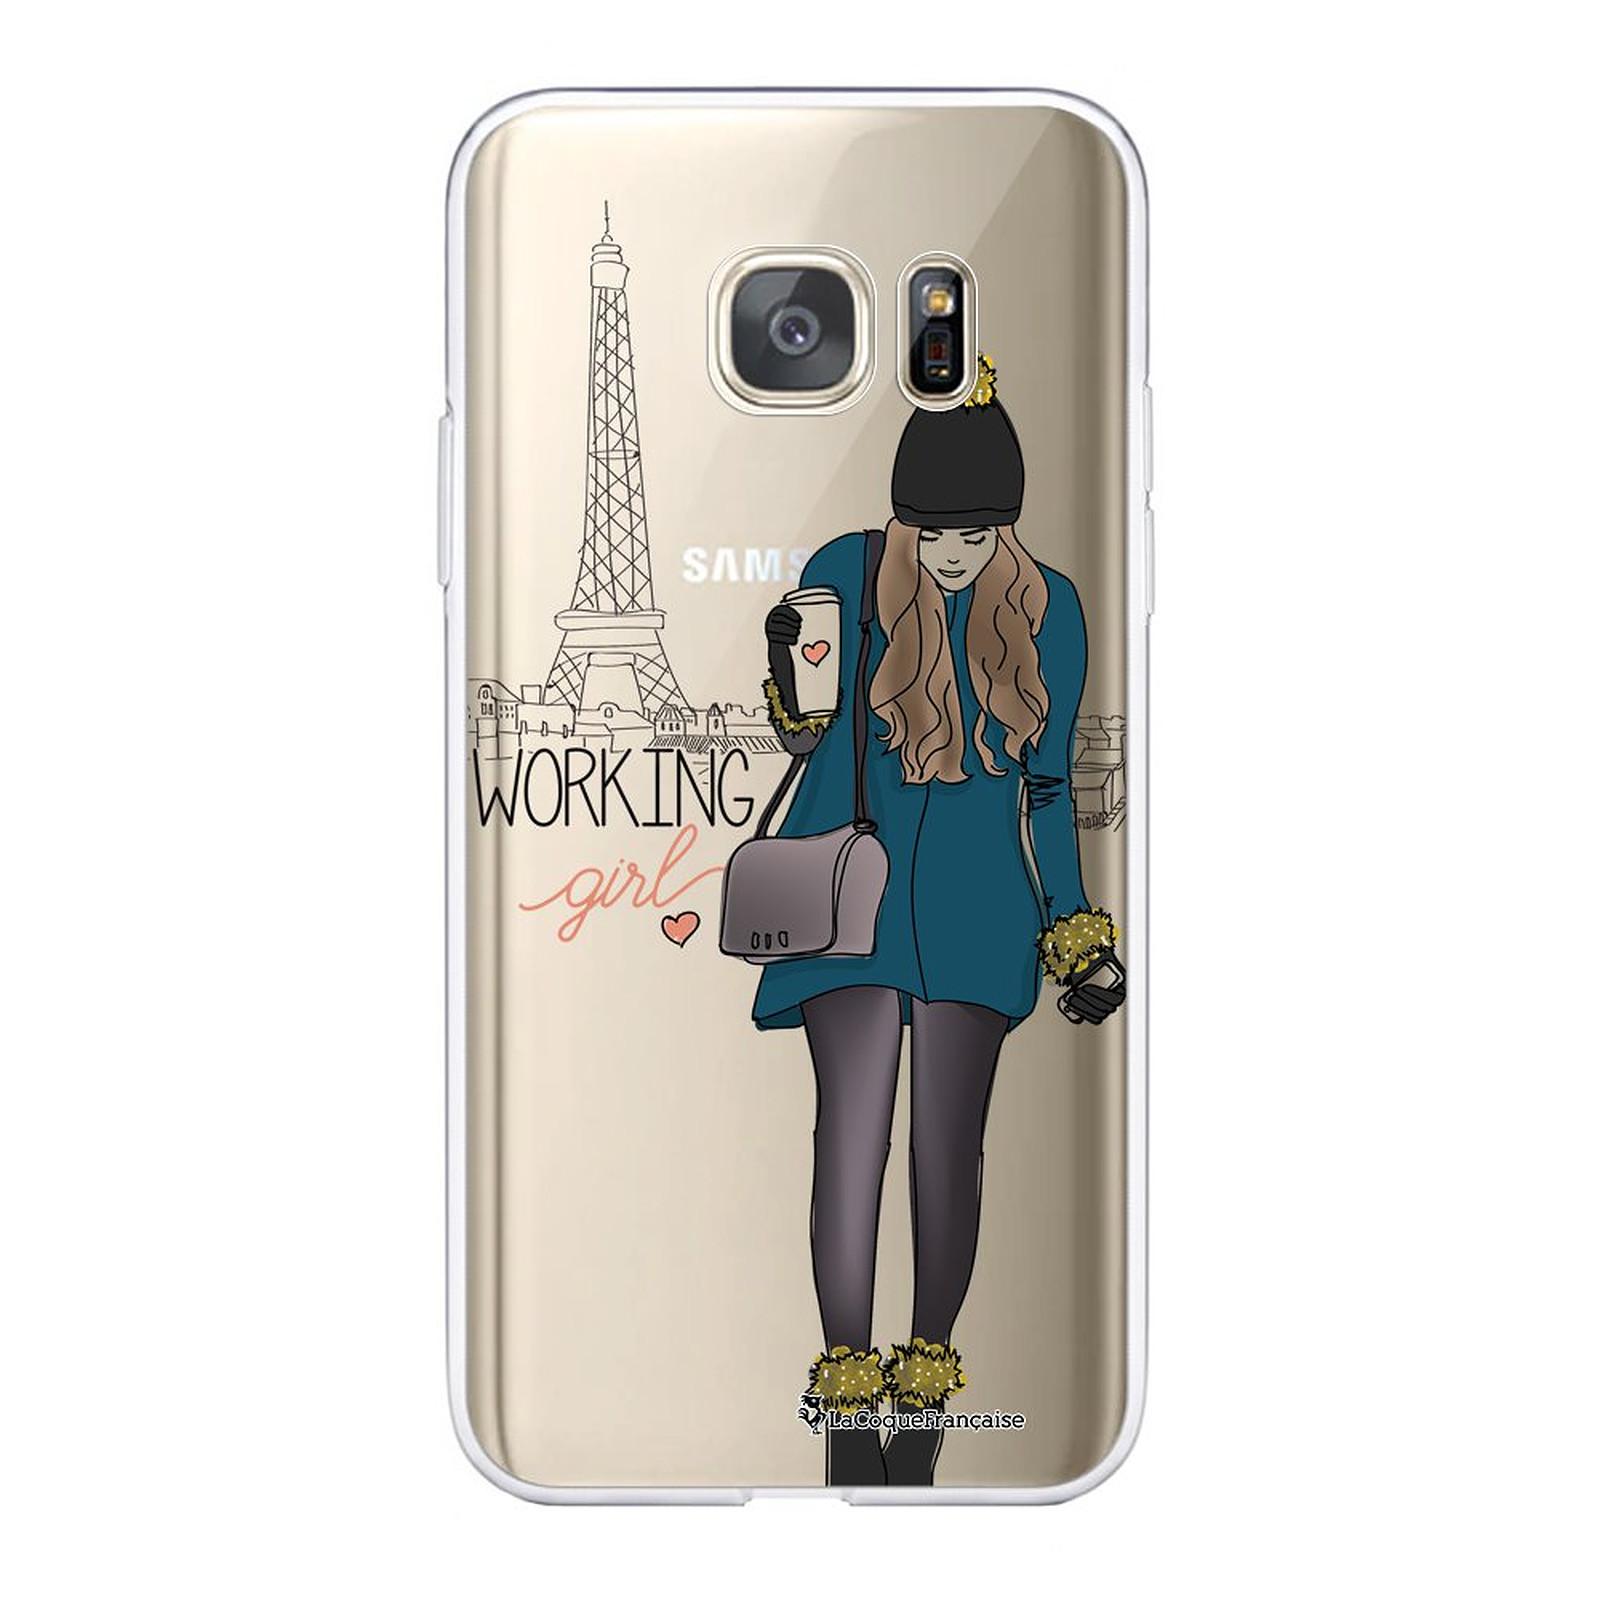 LA COQUE FRANCAISE Coque Samsung Galaxy S7 souple transparente Working girl - Coque téléphone LaCoqueFrançaise sur LDLC